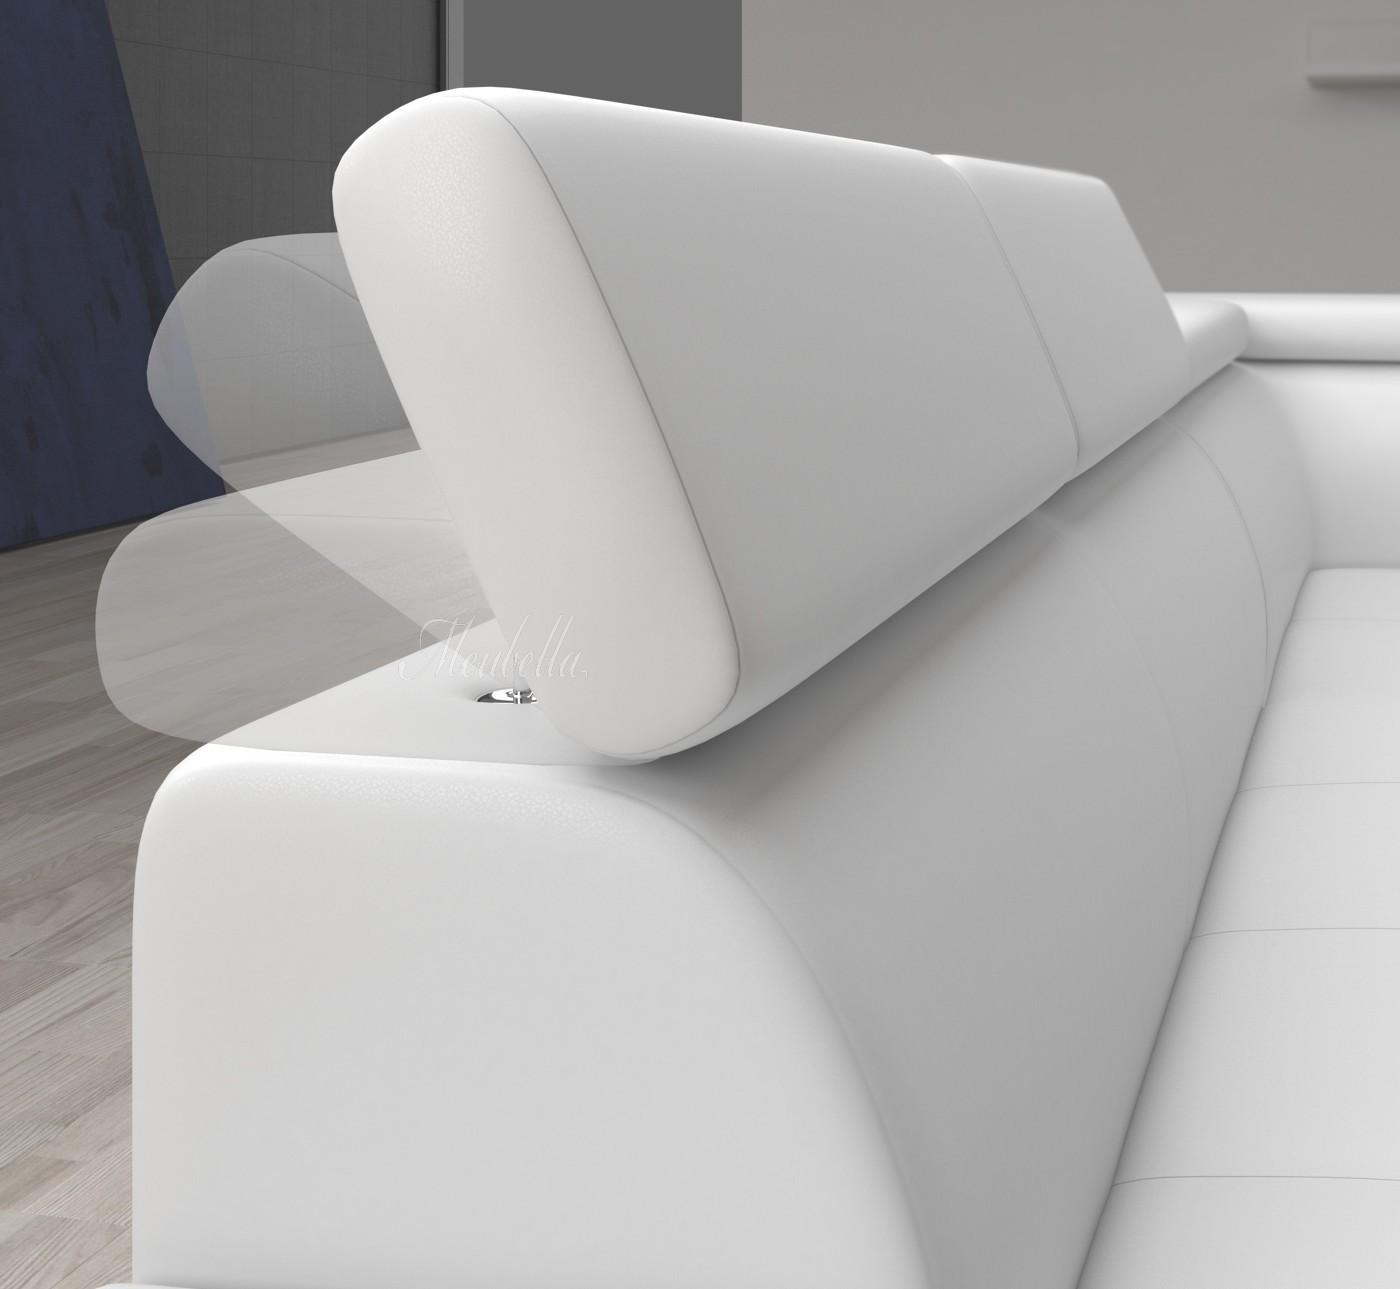 Ikea Hoekbank Wit Leer  Escape eettafelbank leer wit designsales  Hoekbank destiny wit leer